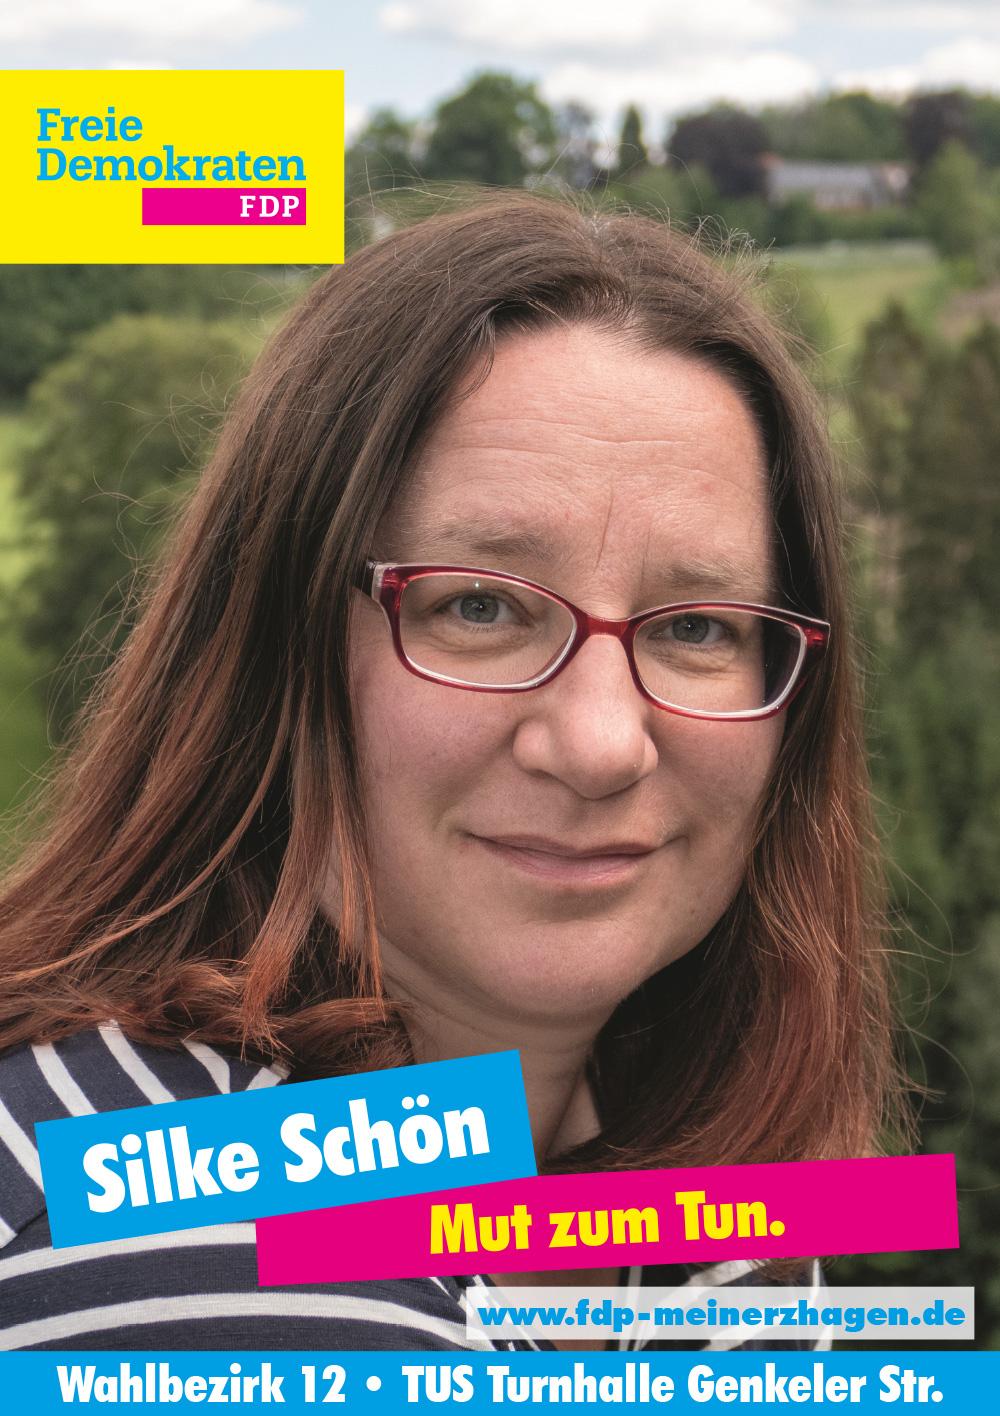 Wahlbezirk 12 - Silke Schön